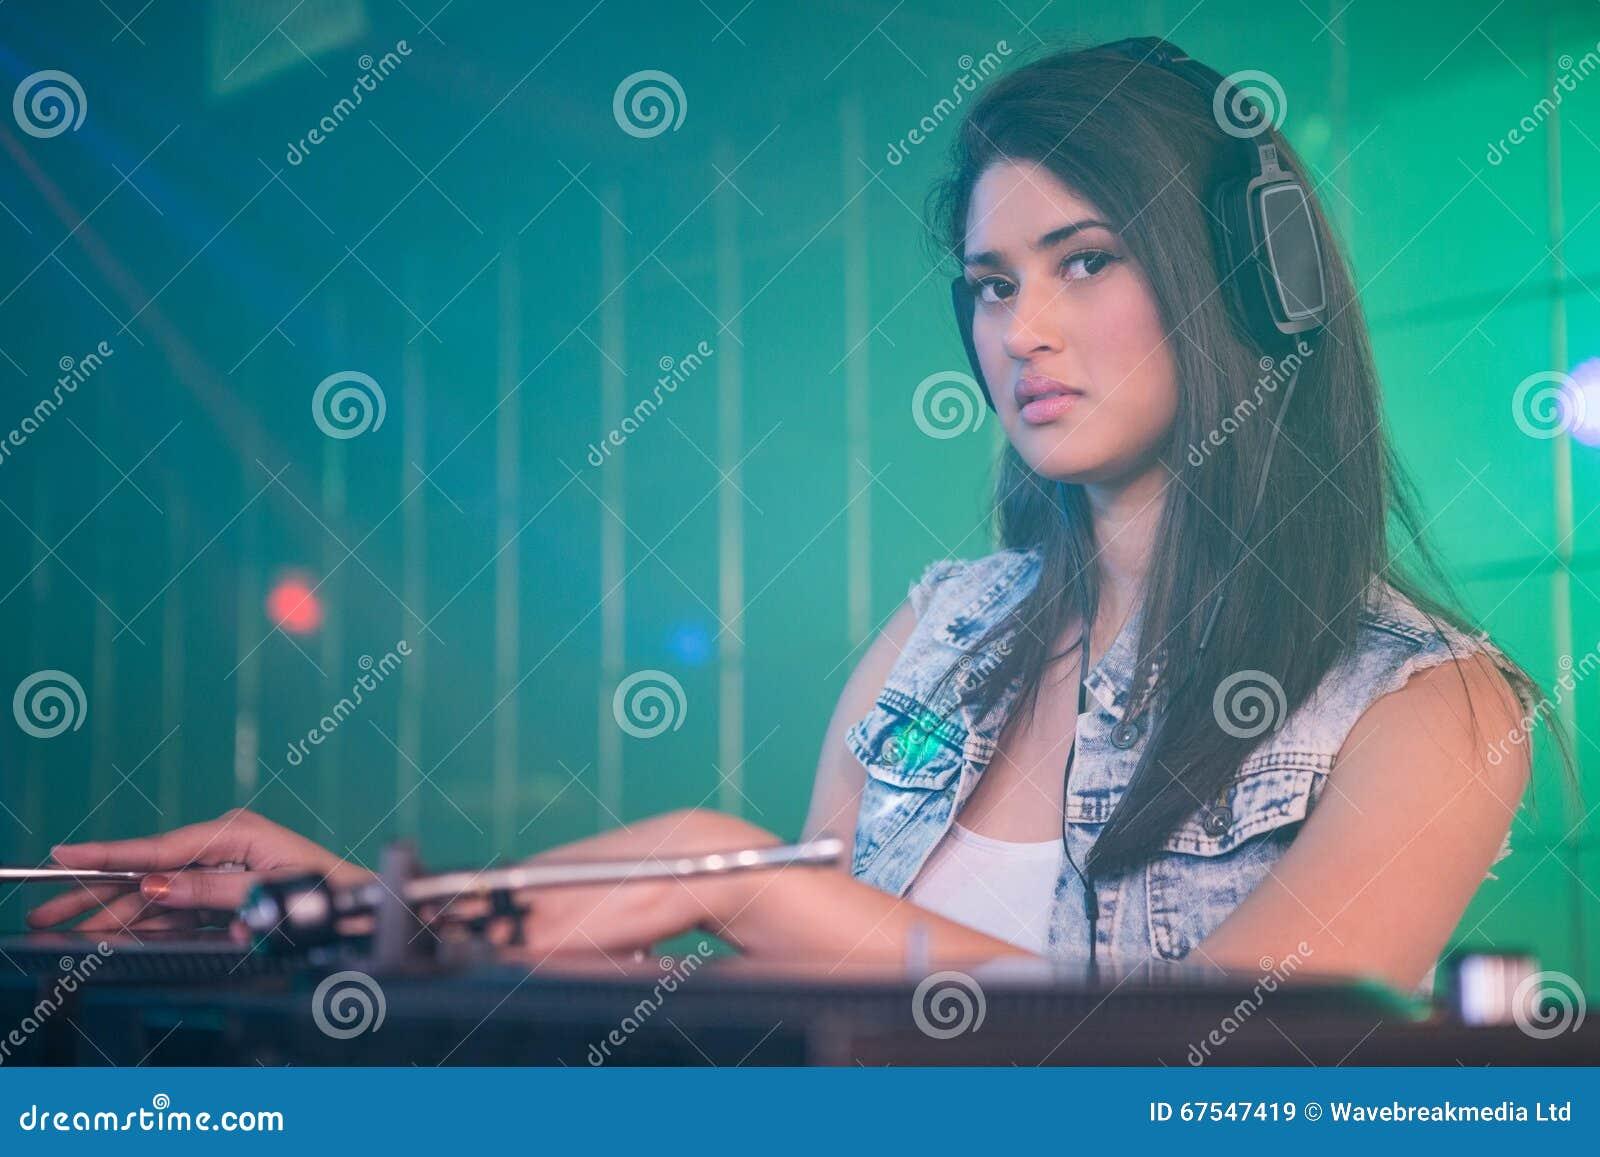 DJ bastante femenino que juega música